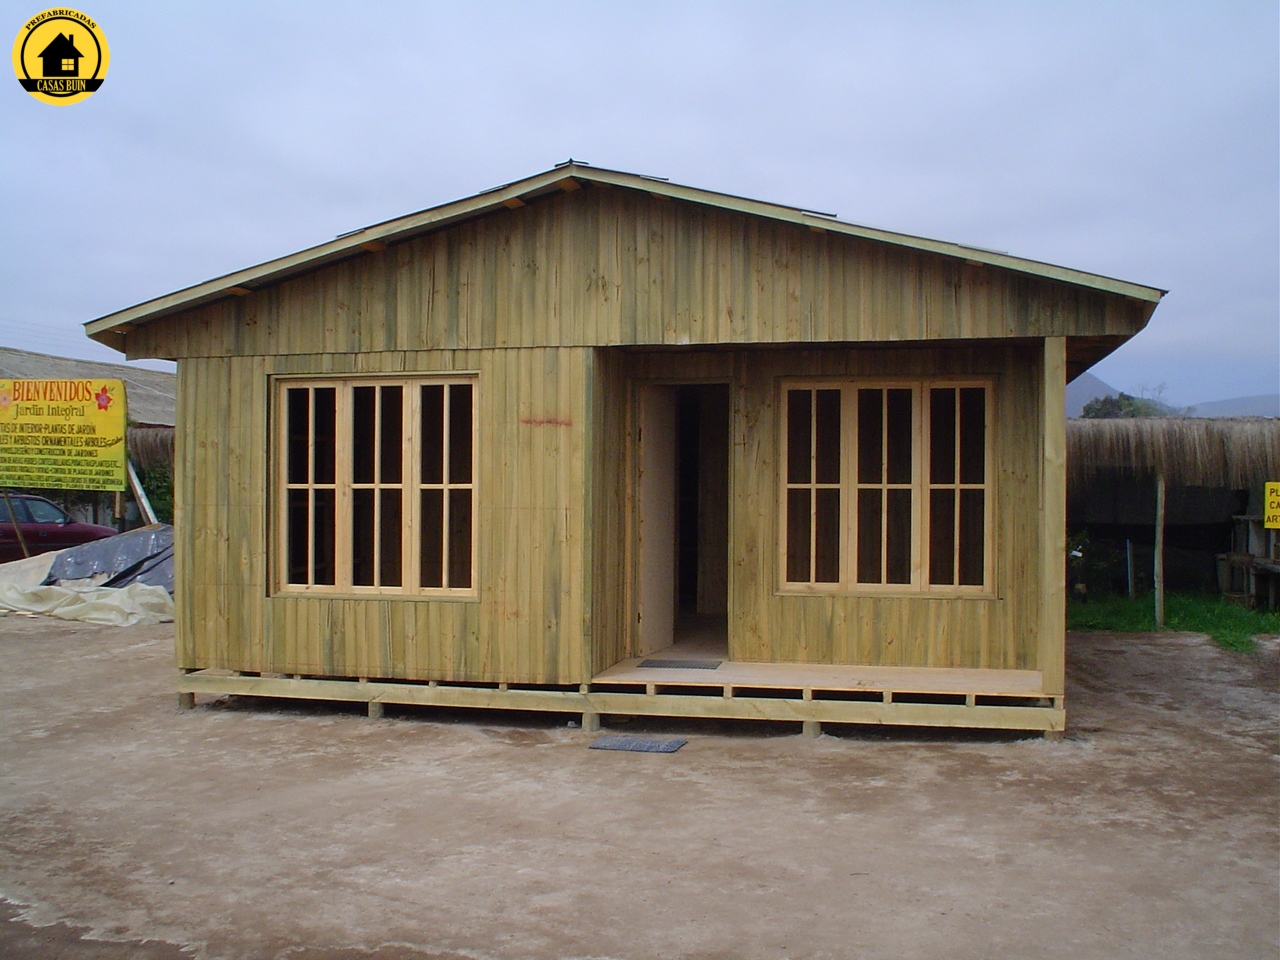 Casas prefabricadas buin en chile casas prefabricadas for Casas prefabricadas de madera precios